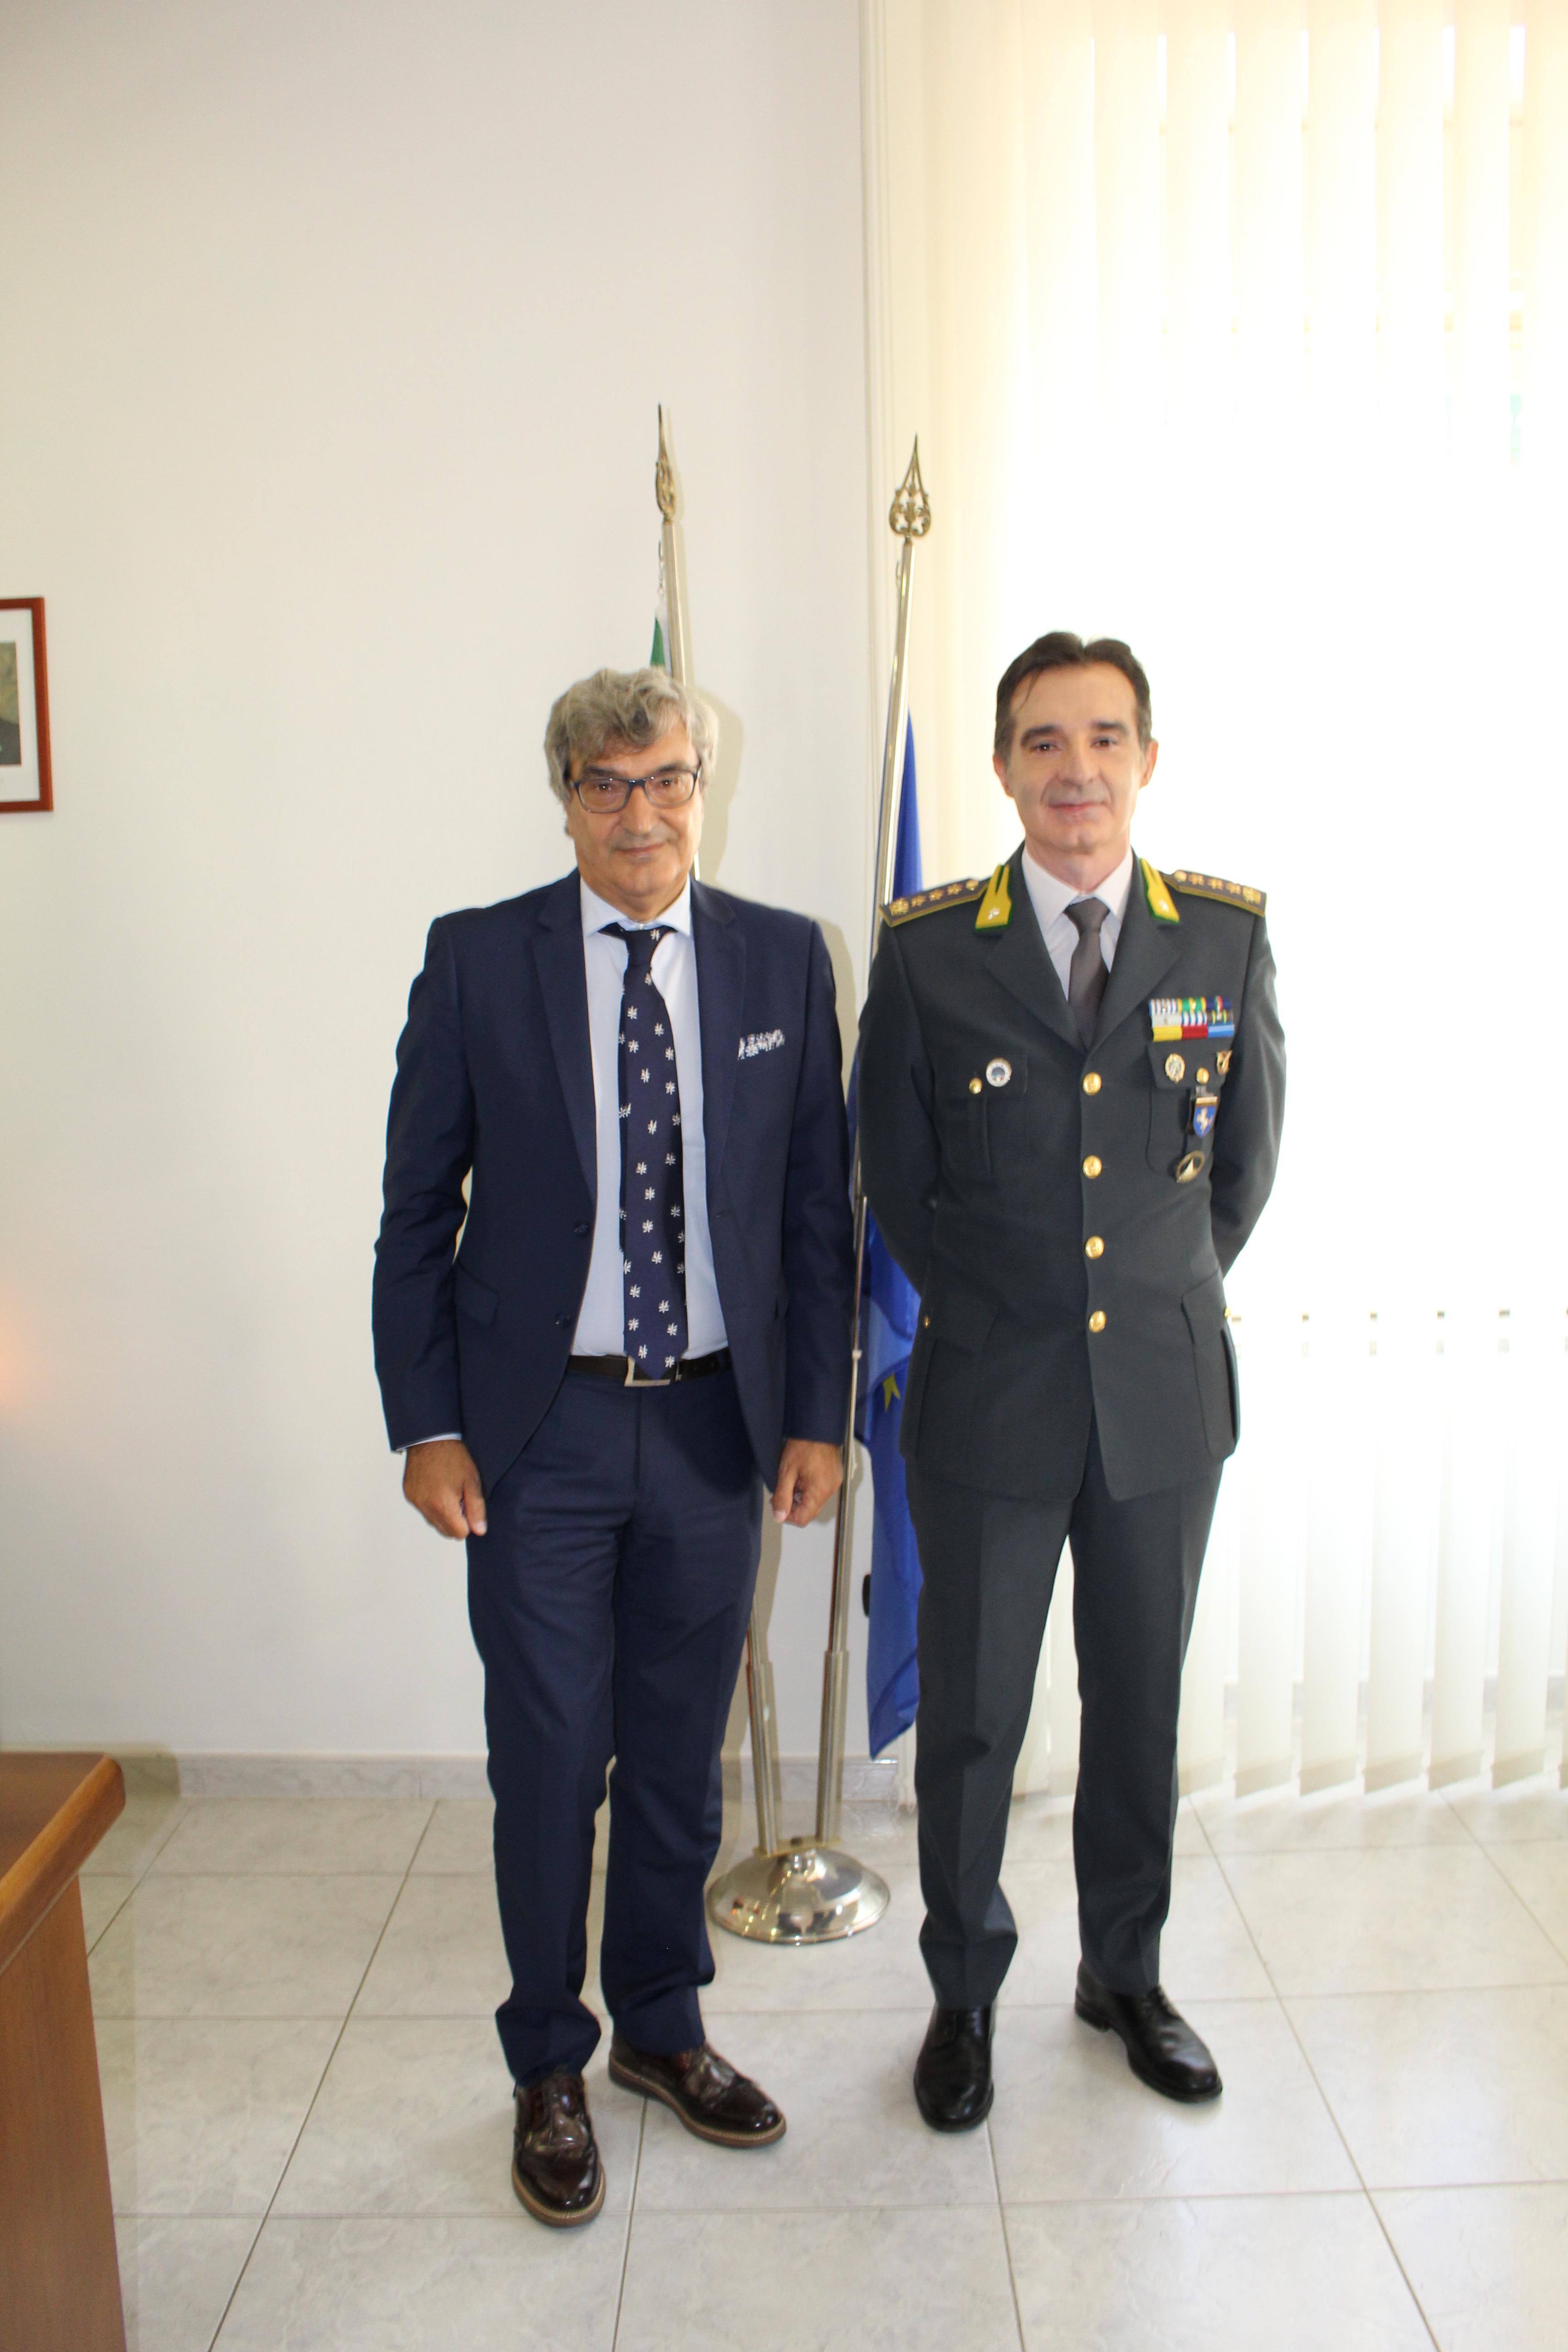 Visita del Prefetto di Benevento al Comando Provinciale della Guardia di Finanza e alla Questura